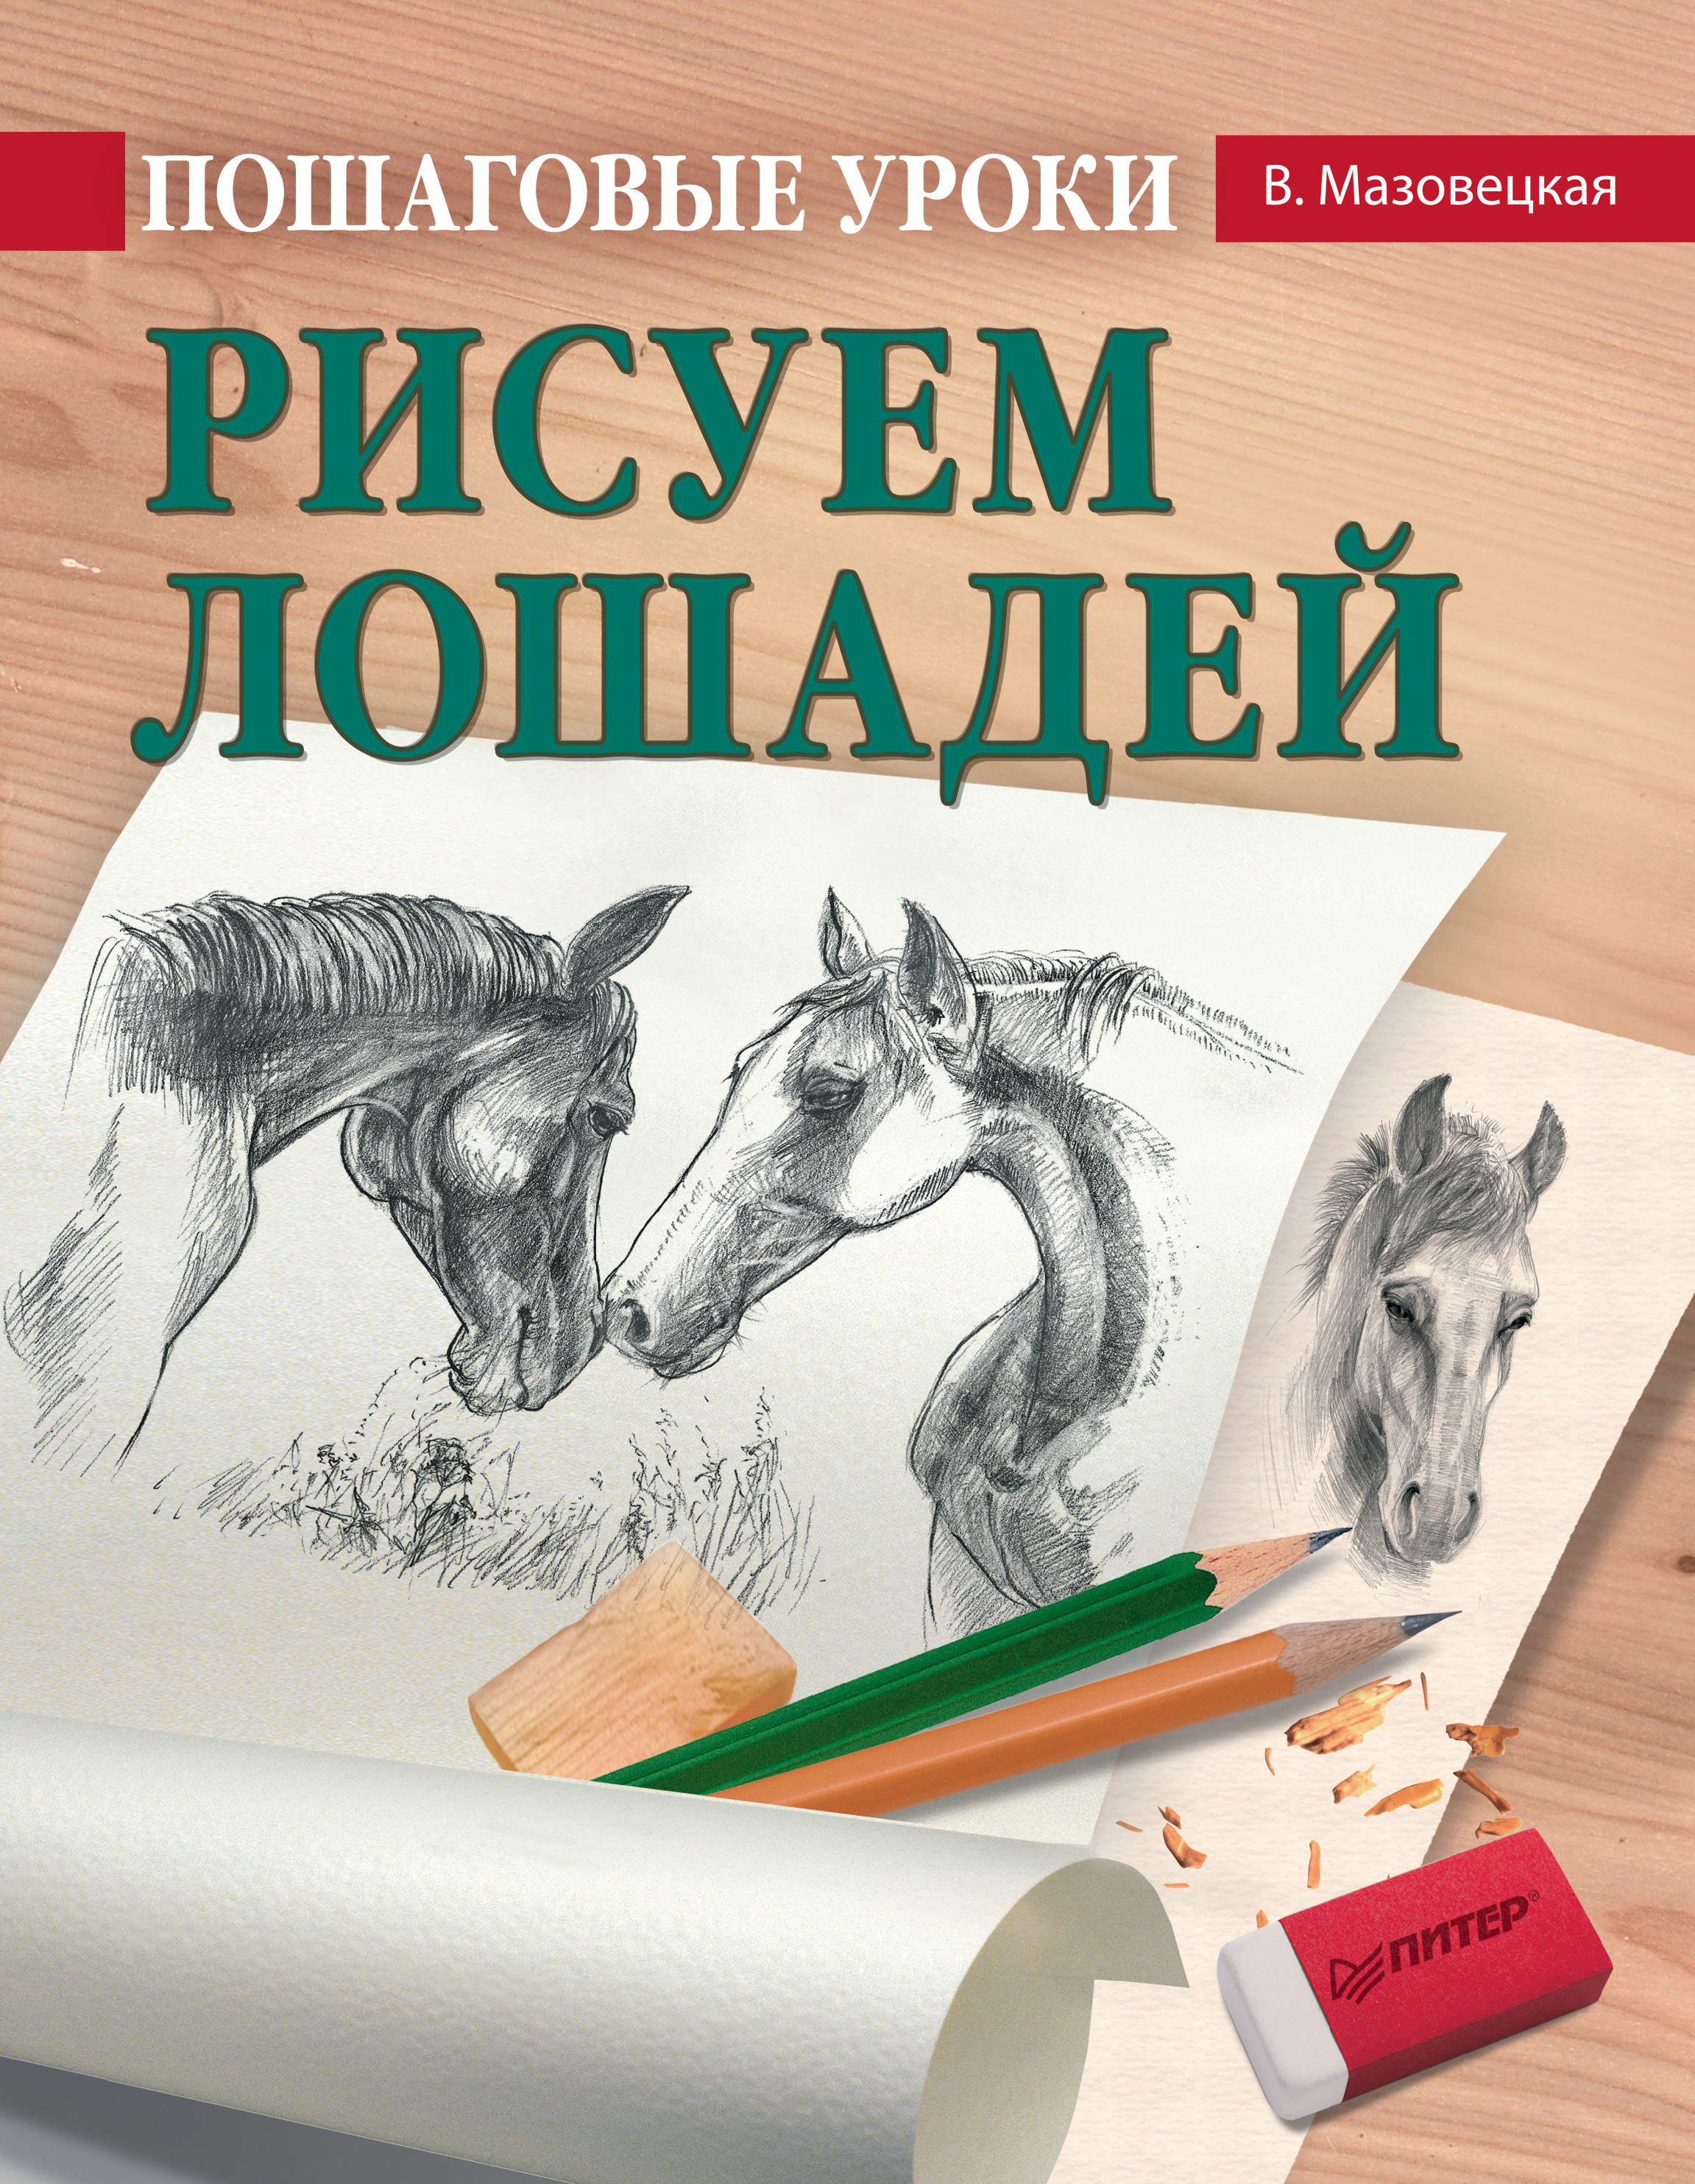 Виктория Мазовецкая Пошаговые уроки рисования. Рисуем лошадей цена 2017